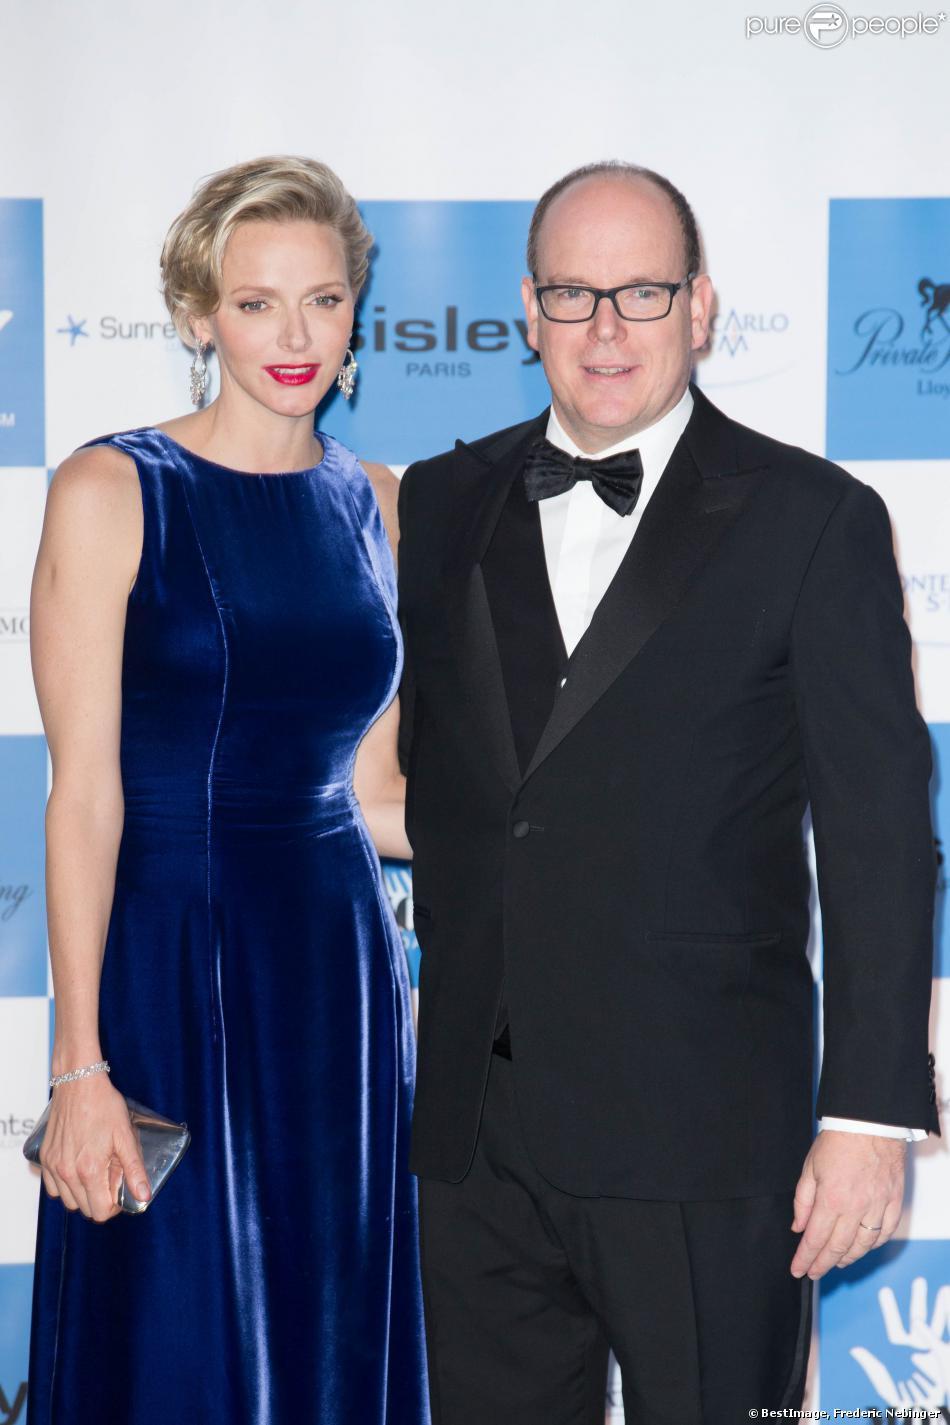 La princesse Charlene de Monaco et son mari le prince Albert II de Monaco au Diner de gala annuel de charité MONAA (Monaco Against Autism) au Sporting Club de Monaco. Le 15 Novembre 2013.